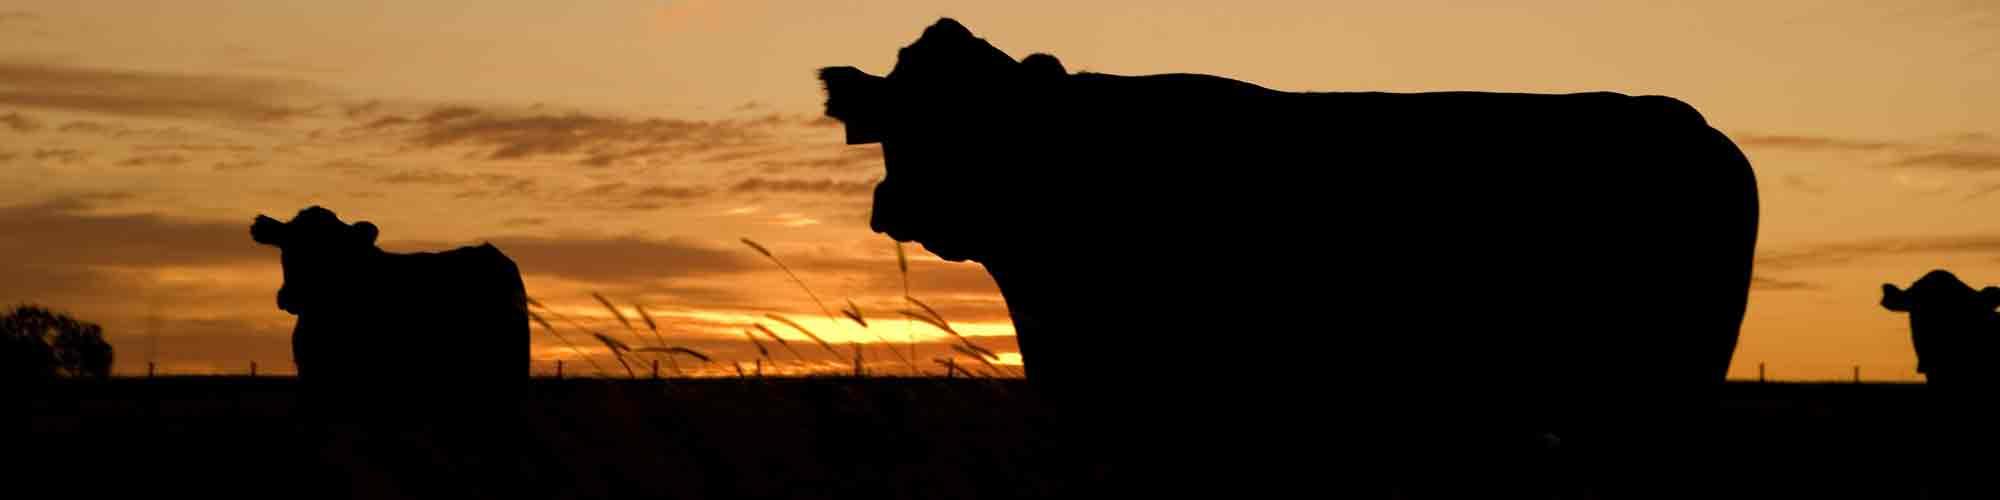 Bubba Cows